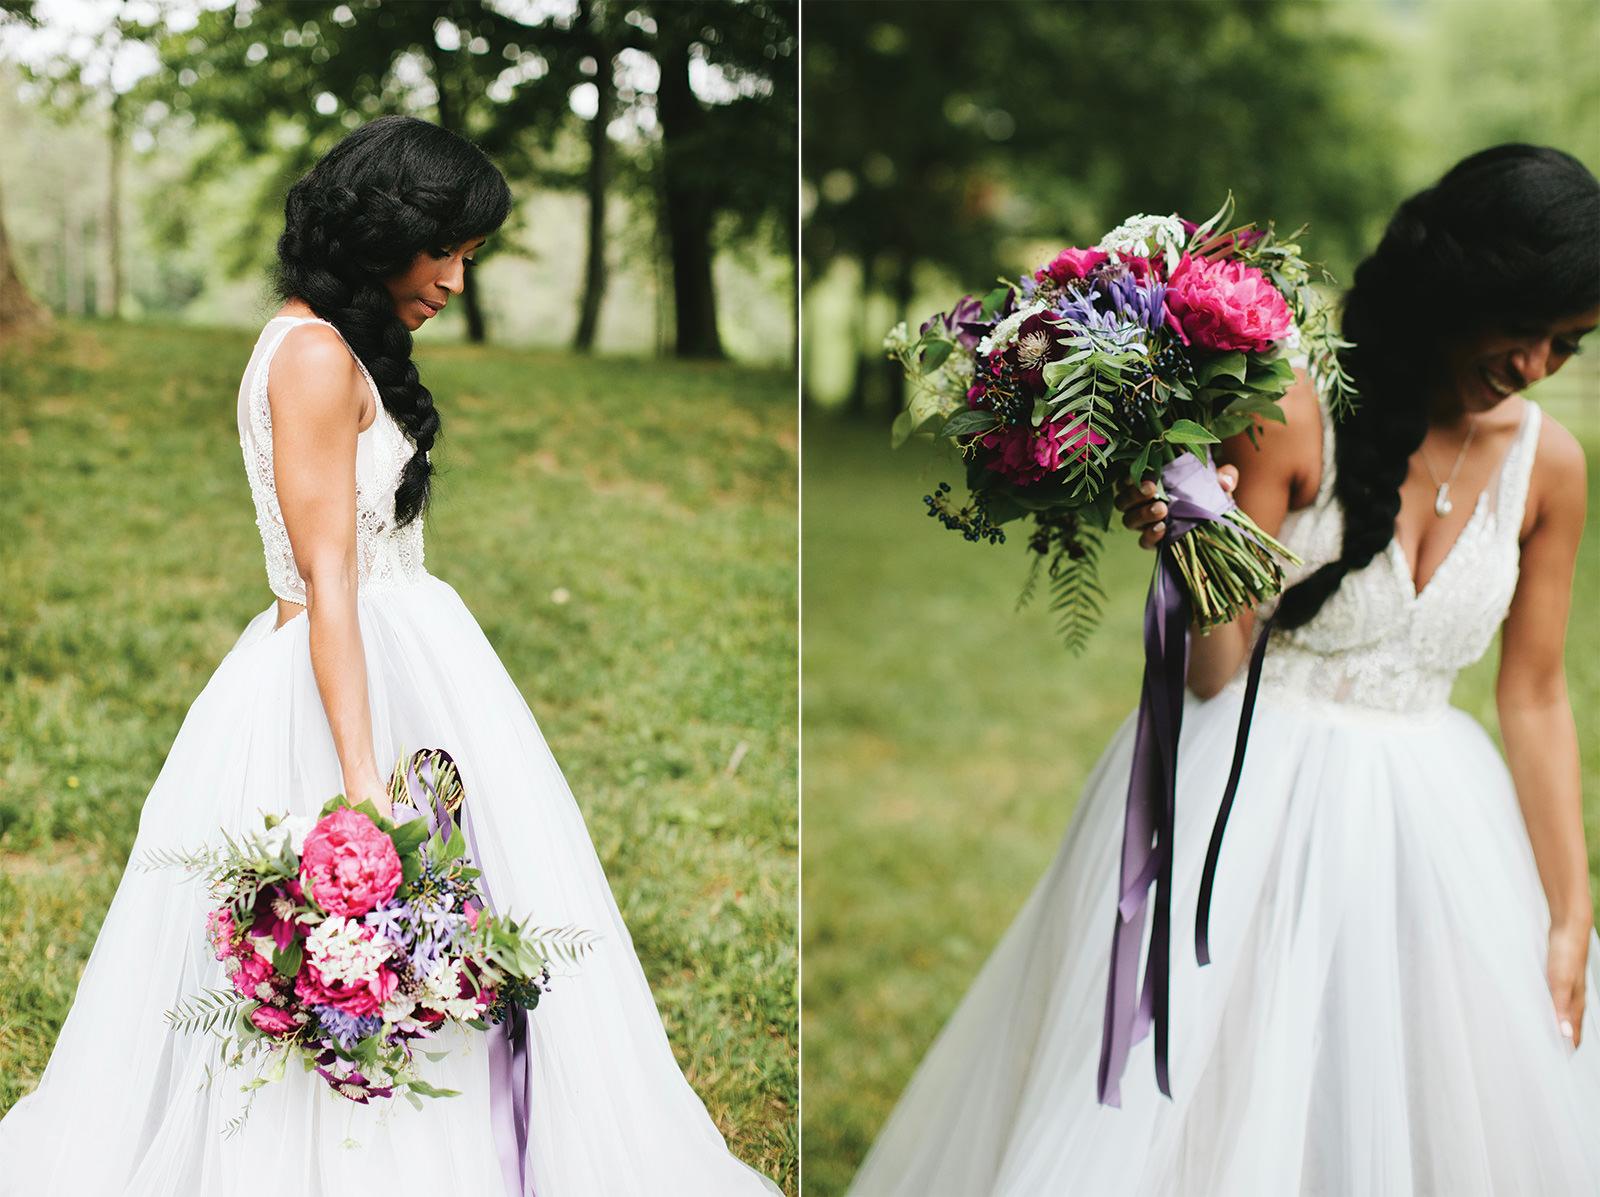 flora bouquets